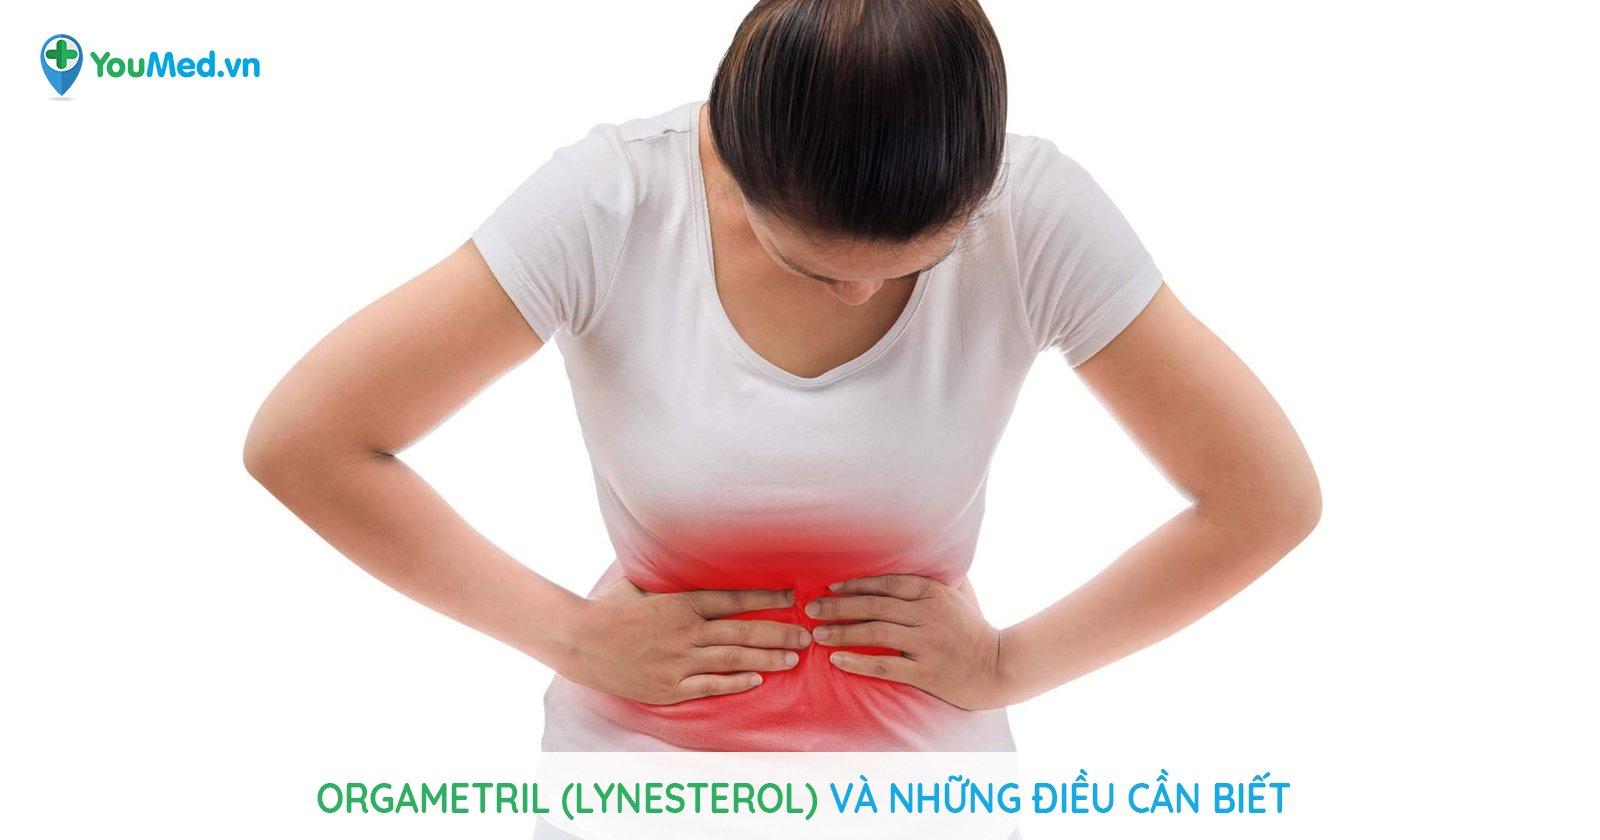 Orgametril (lynesterol) và những điều cần biết